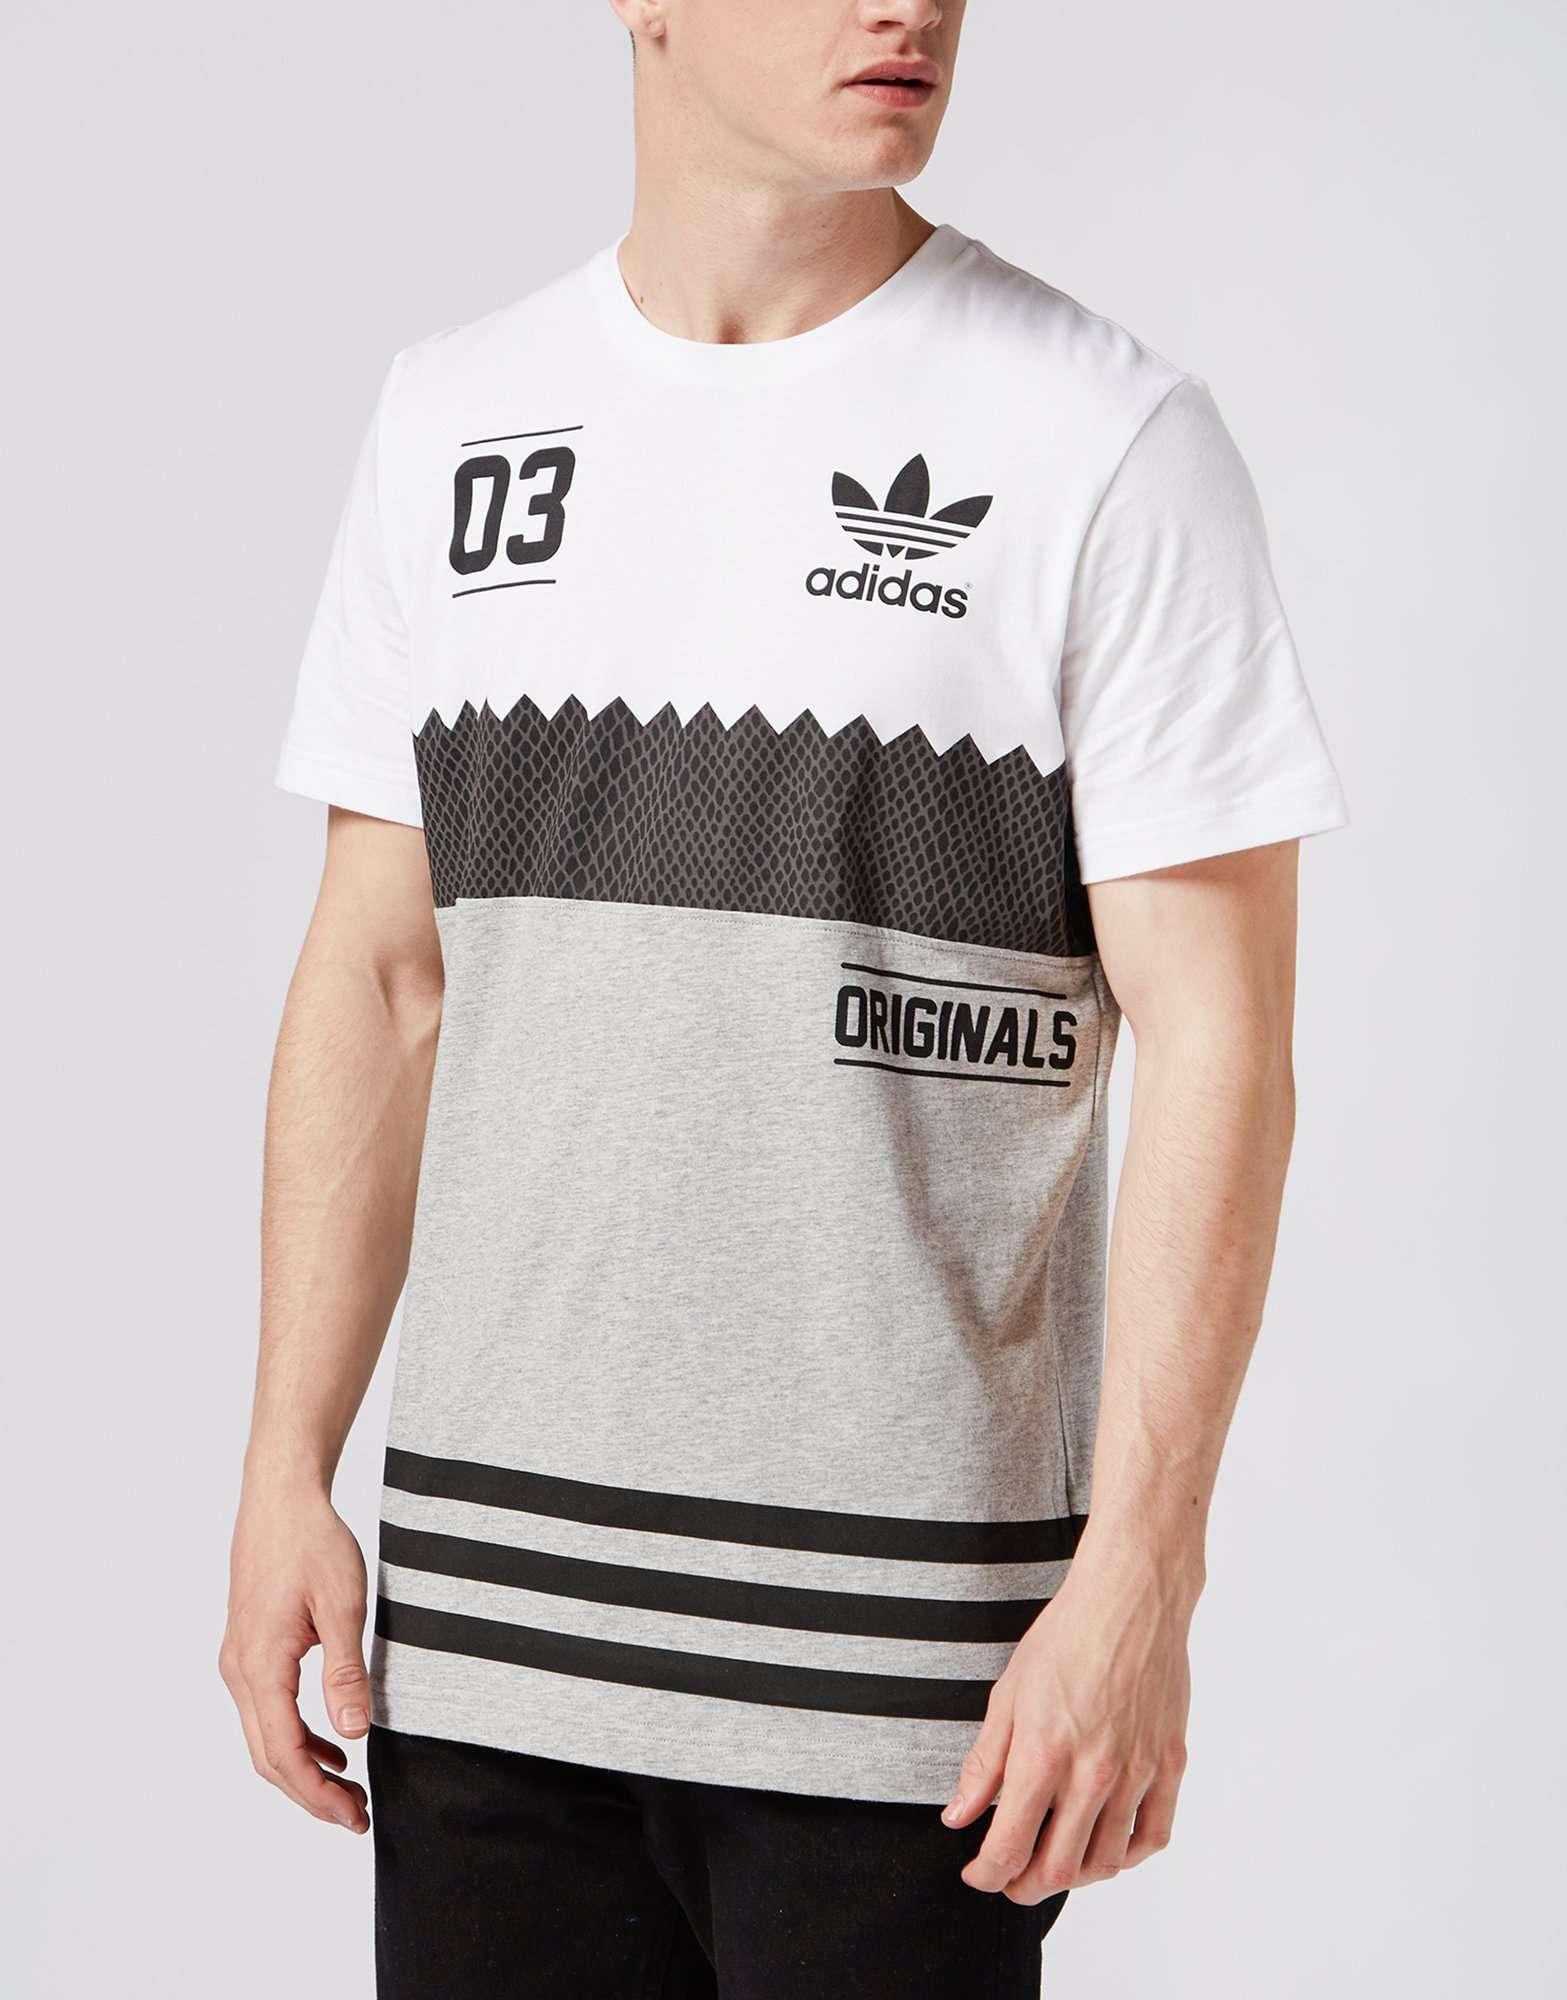 Adidas originali trifoglio dentellata t - shirt scotts maschili